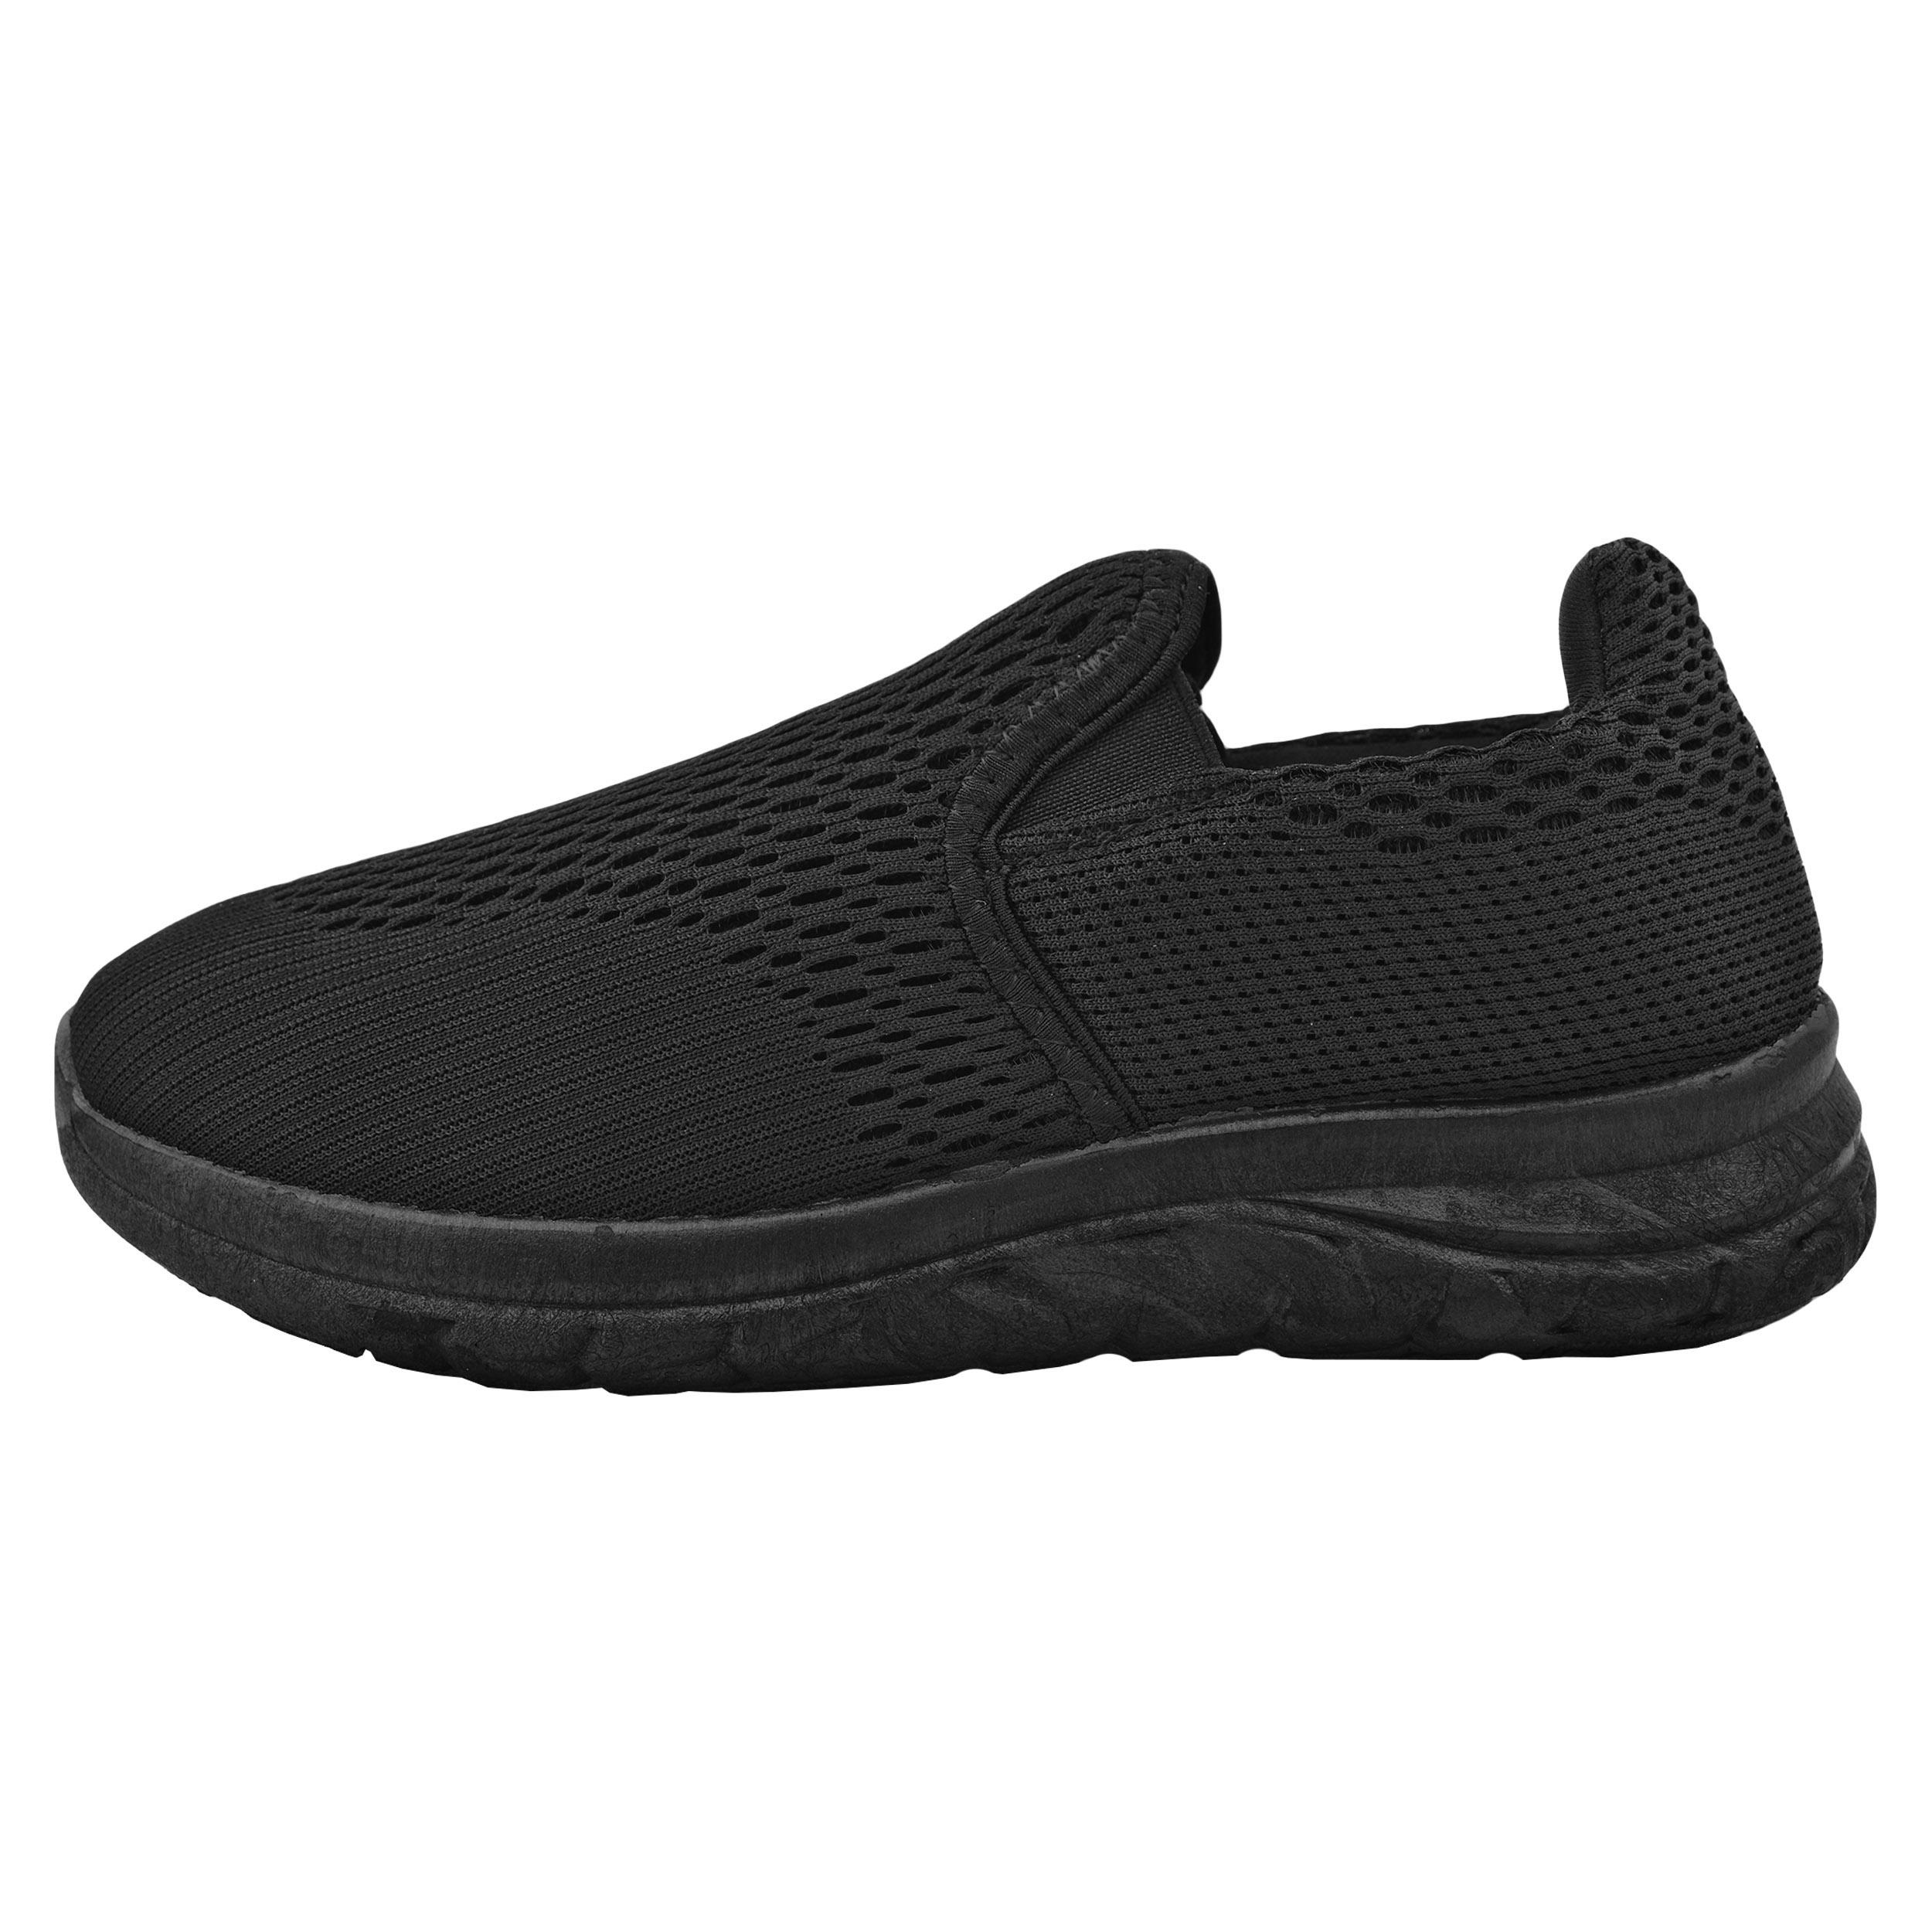 کفش مخصوص پیاده روی دخترانه نسیم مدل مرسدس کد 8500